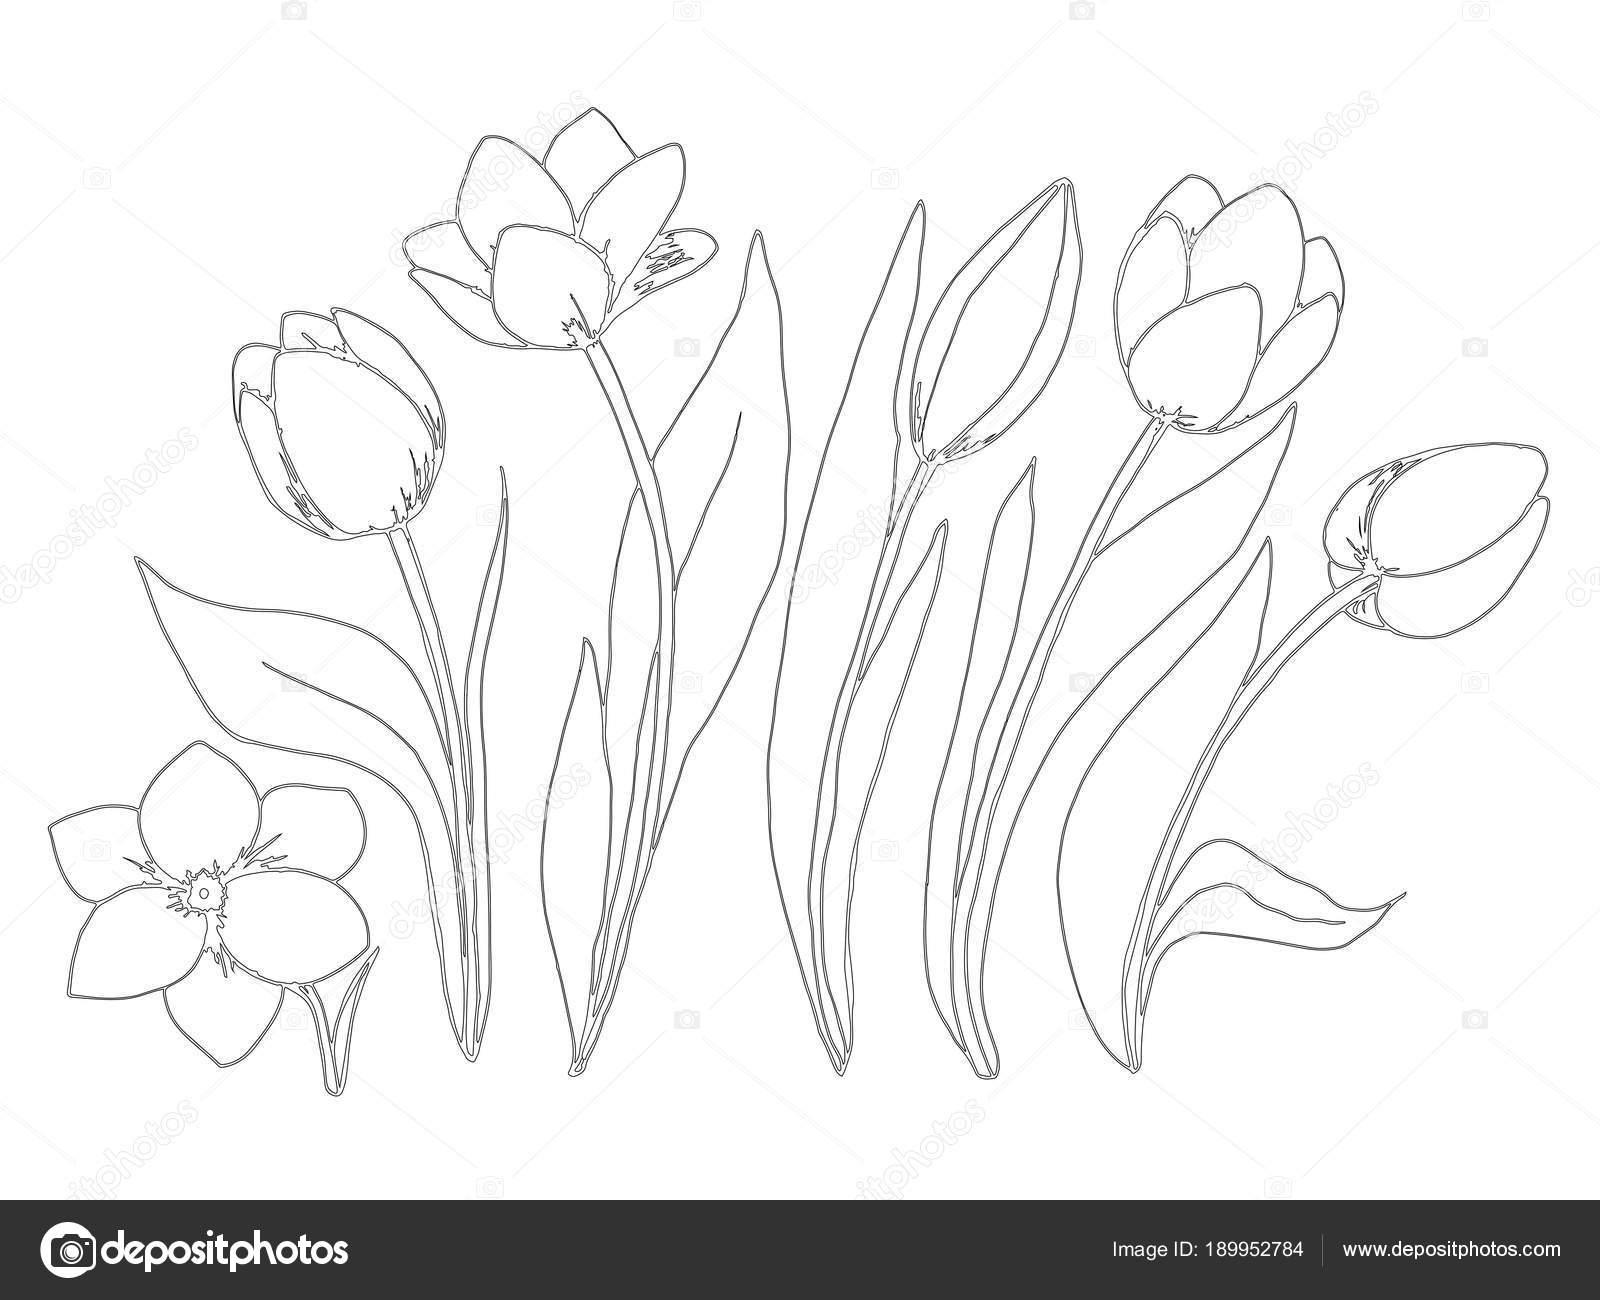 Disegni Da Colorare Fiori Raccolta Pagina Del Tulipano Vettoriali